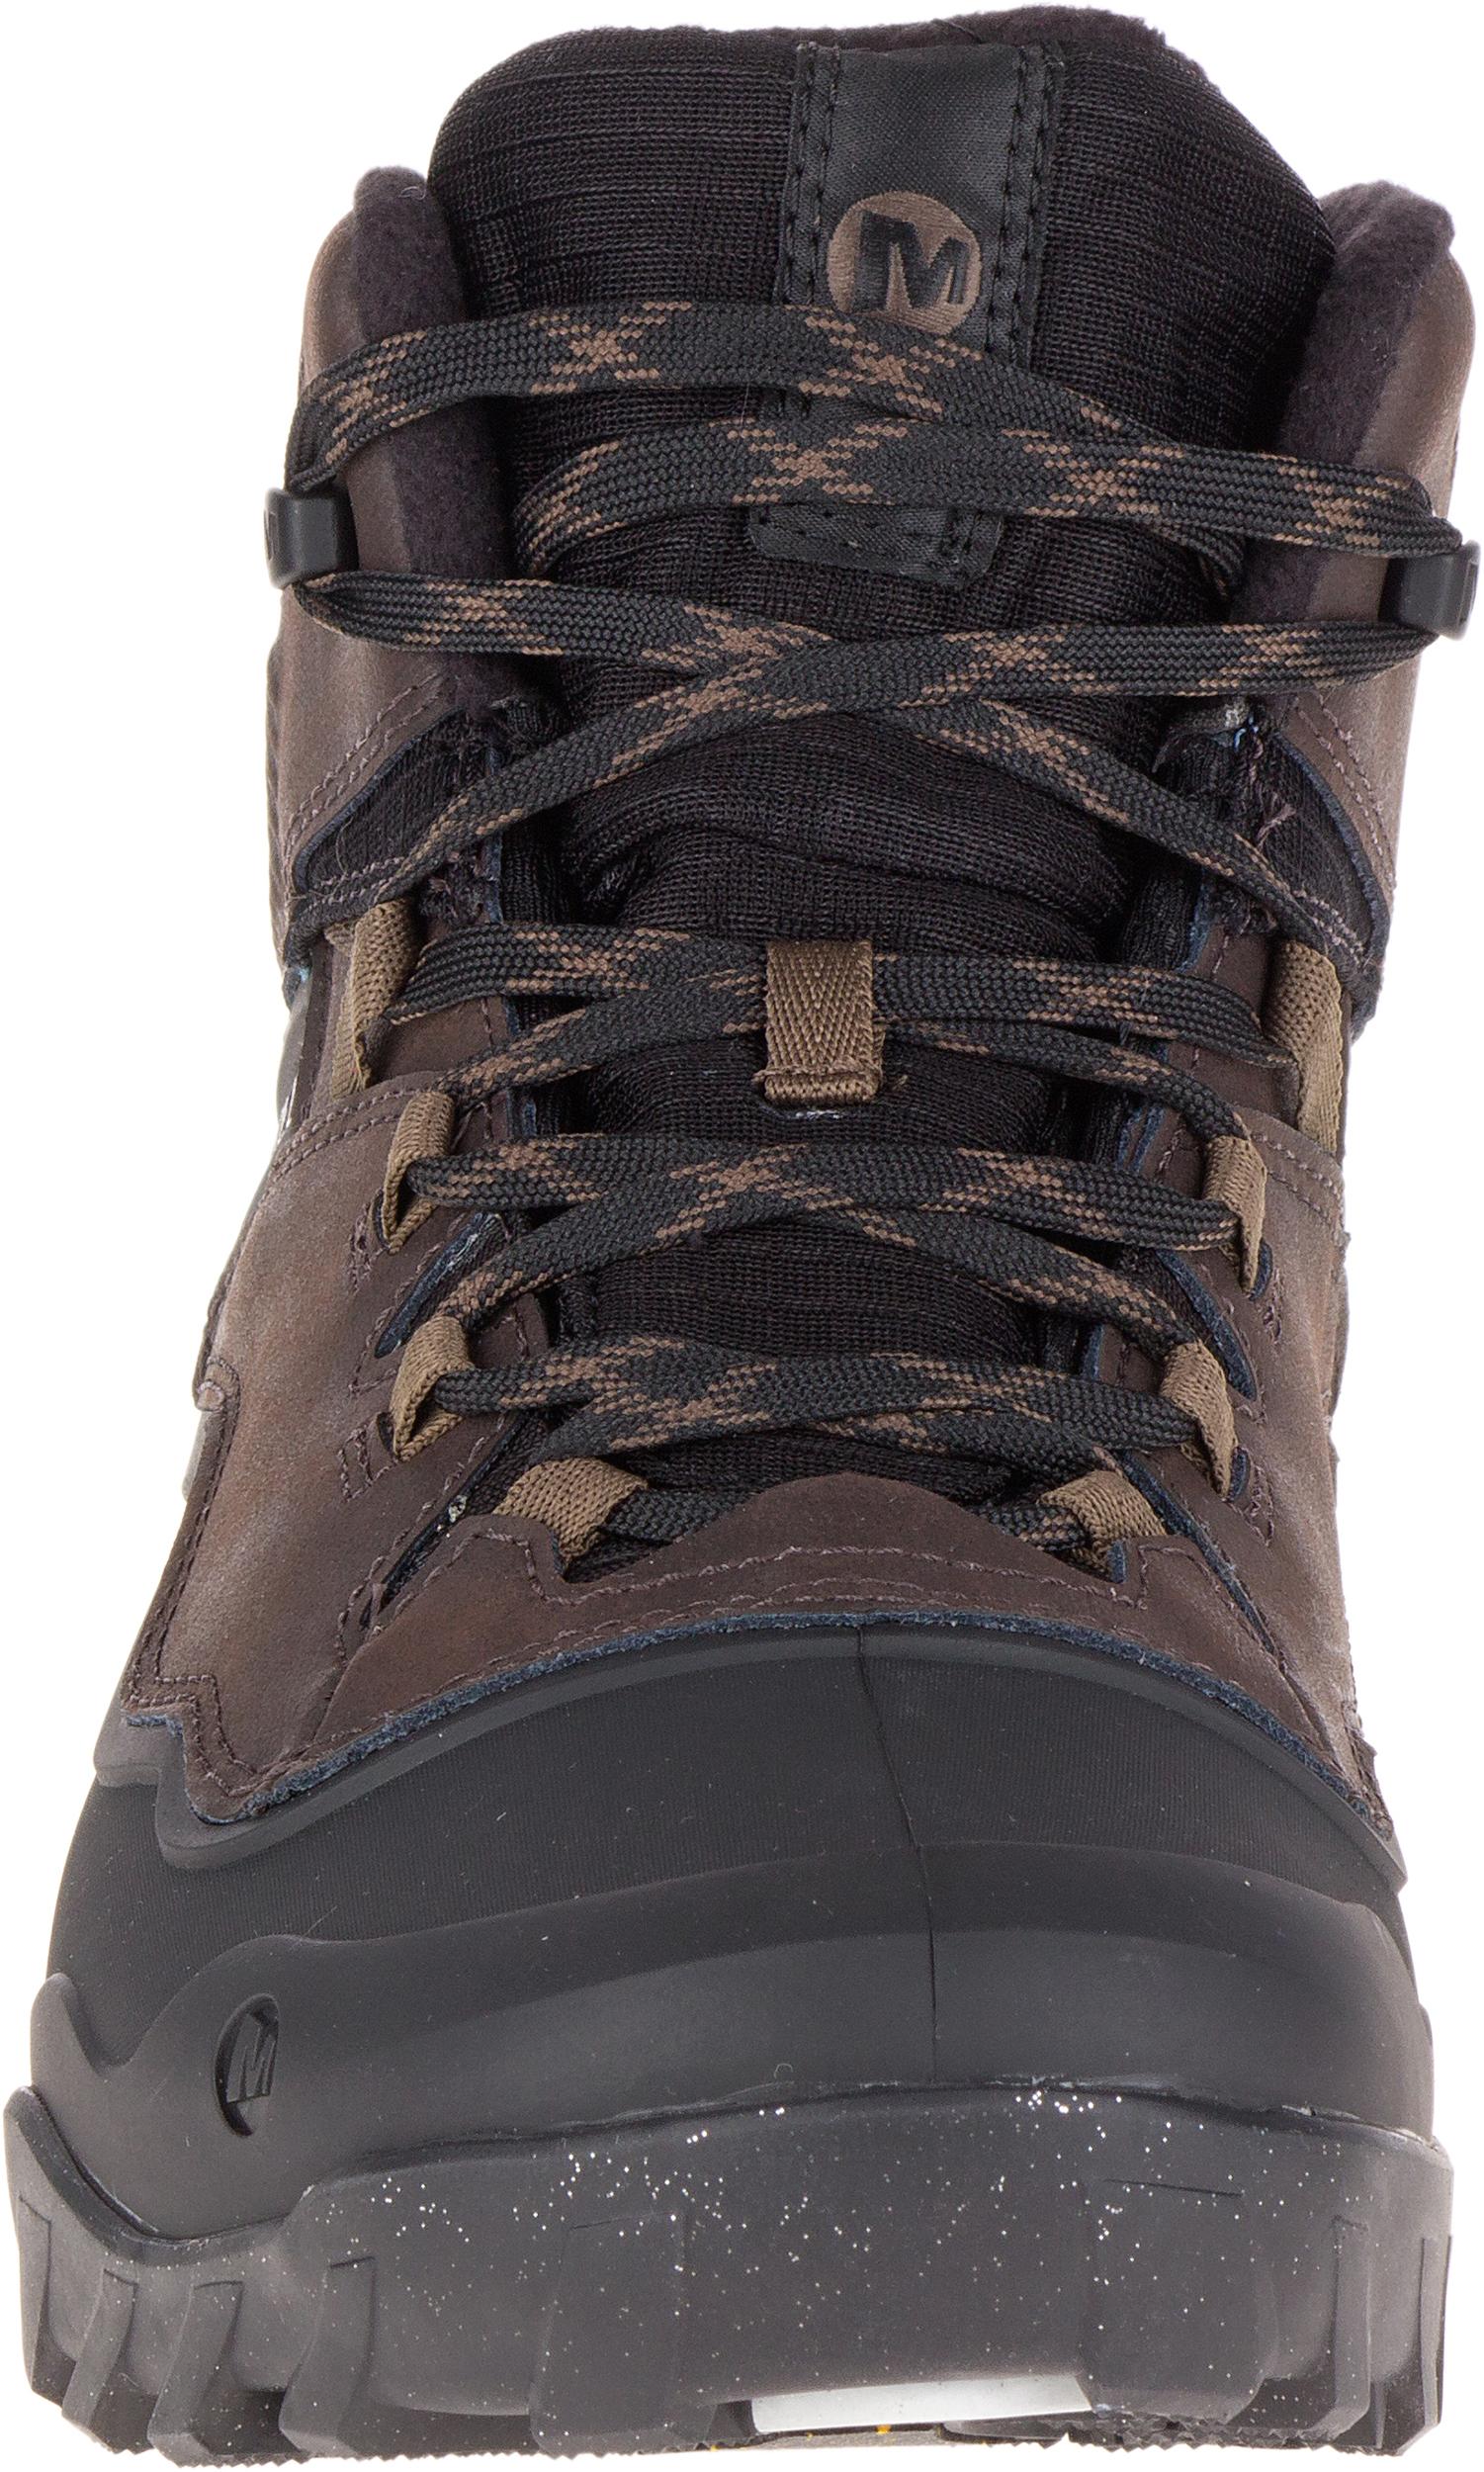 3d121c791bc Merrell Overlook 6 Ice+ Arctic Grip Waterproof Winter Boots - Men's ...